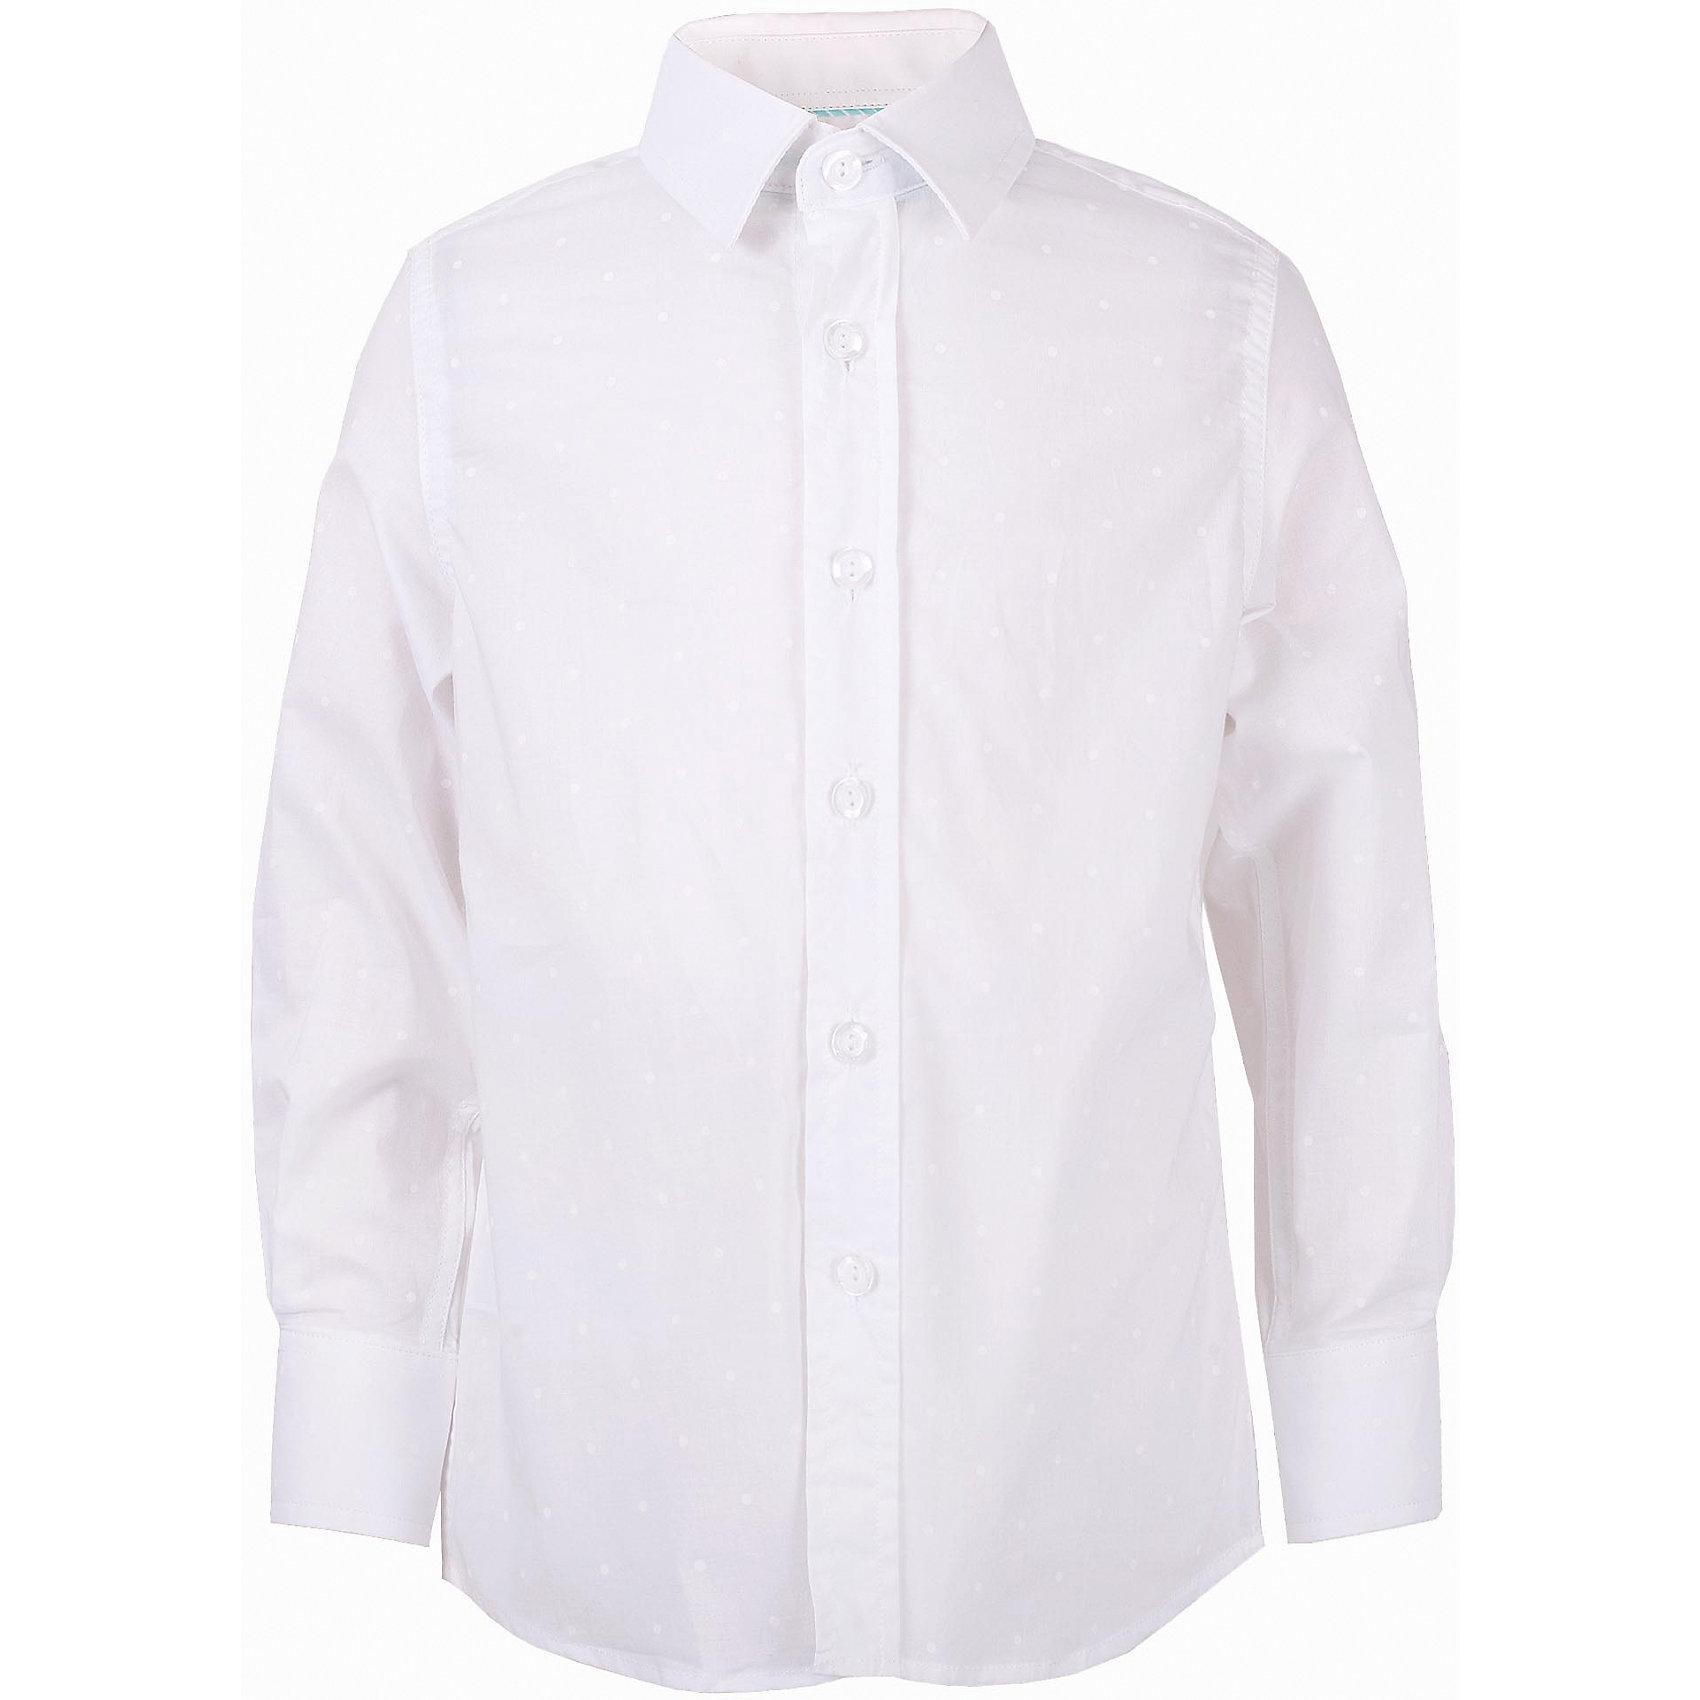 Рубашка для мальчика GulliverБлузки и рубашки<br>Модная рубашка для мальчика сделает образ ребенка новым и необычным! Интересная фактурная ткань, чуть приталенный силуэт делают рубашку эффектным элементом нарядного летнего гардероба! Словом, если вы хотите купить оригинальную рубашку из 100% хлопка, которая способна подчеркнуть красоту и торжественность момента, эта рубашка - достойный  выбор! В ней ребенку гарантирован прекрасный внешний вид, а также комфорт и свобода движений.<br>Состав:<br>100% хлопок<br><br>Ширина мм: 174<br>Глубина мм: 10<br>Высота мм: 169<br>Вес г: 157<br>Цвет: белый<br>Возраст от месяцев: 156<br>Возраст до месяцев: 168<br>Пол: Мужской<br>Возраст: Детский<br>Размер: 164,146,152,158<br>SKU: 5483345